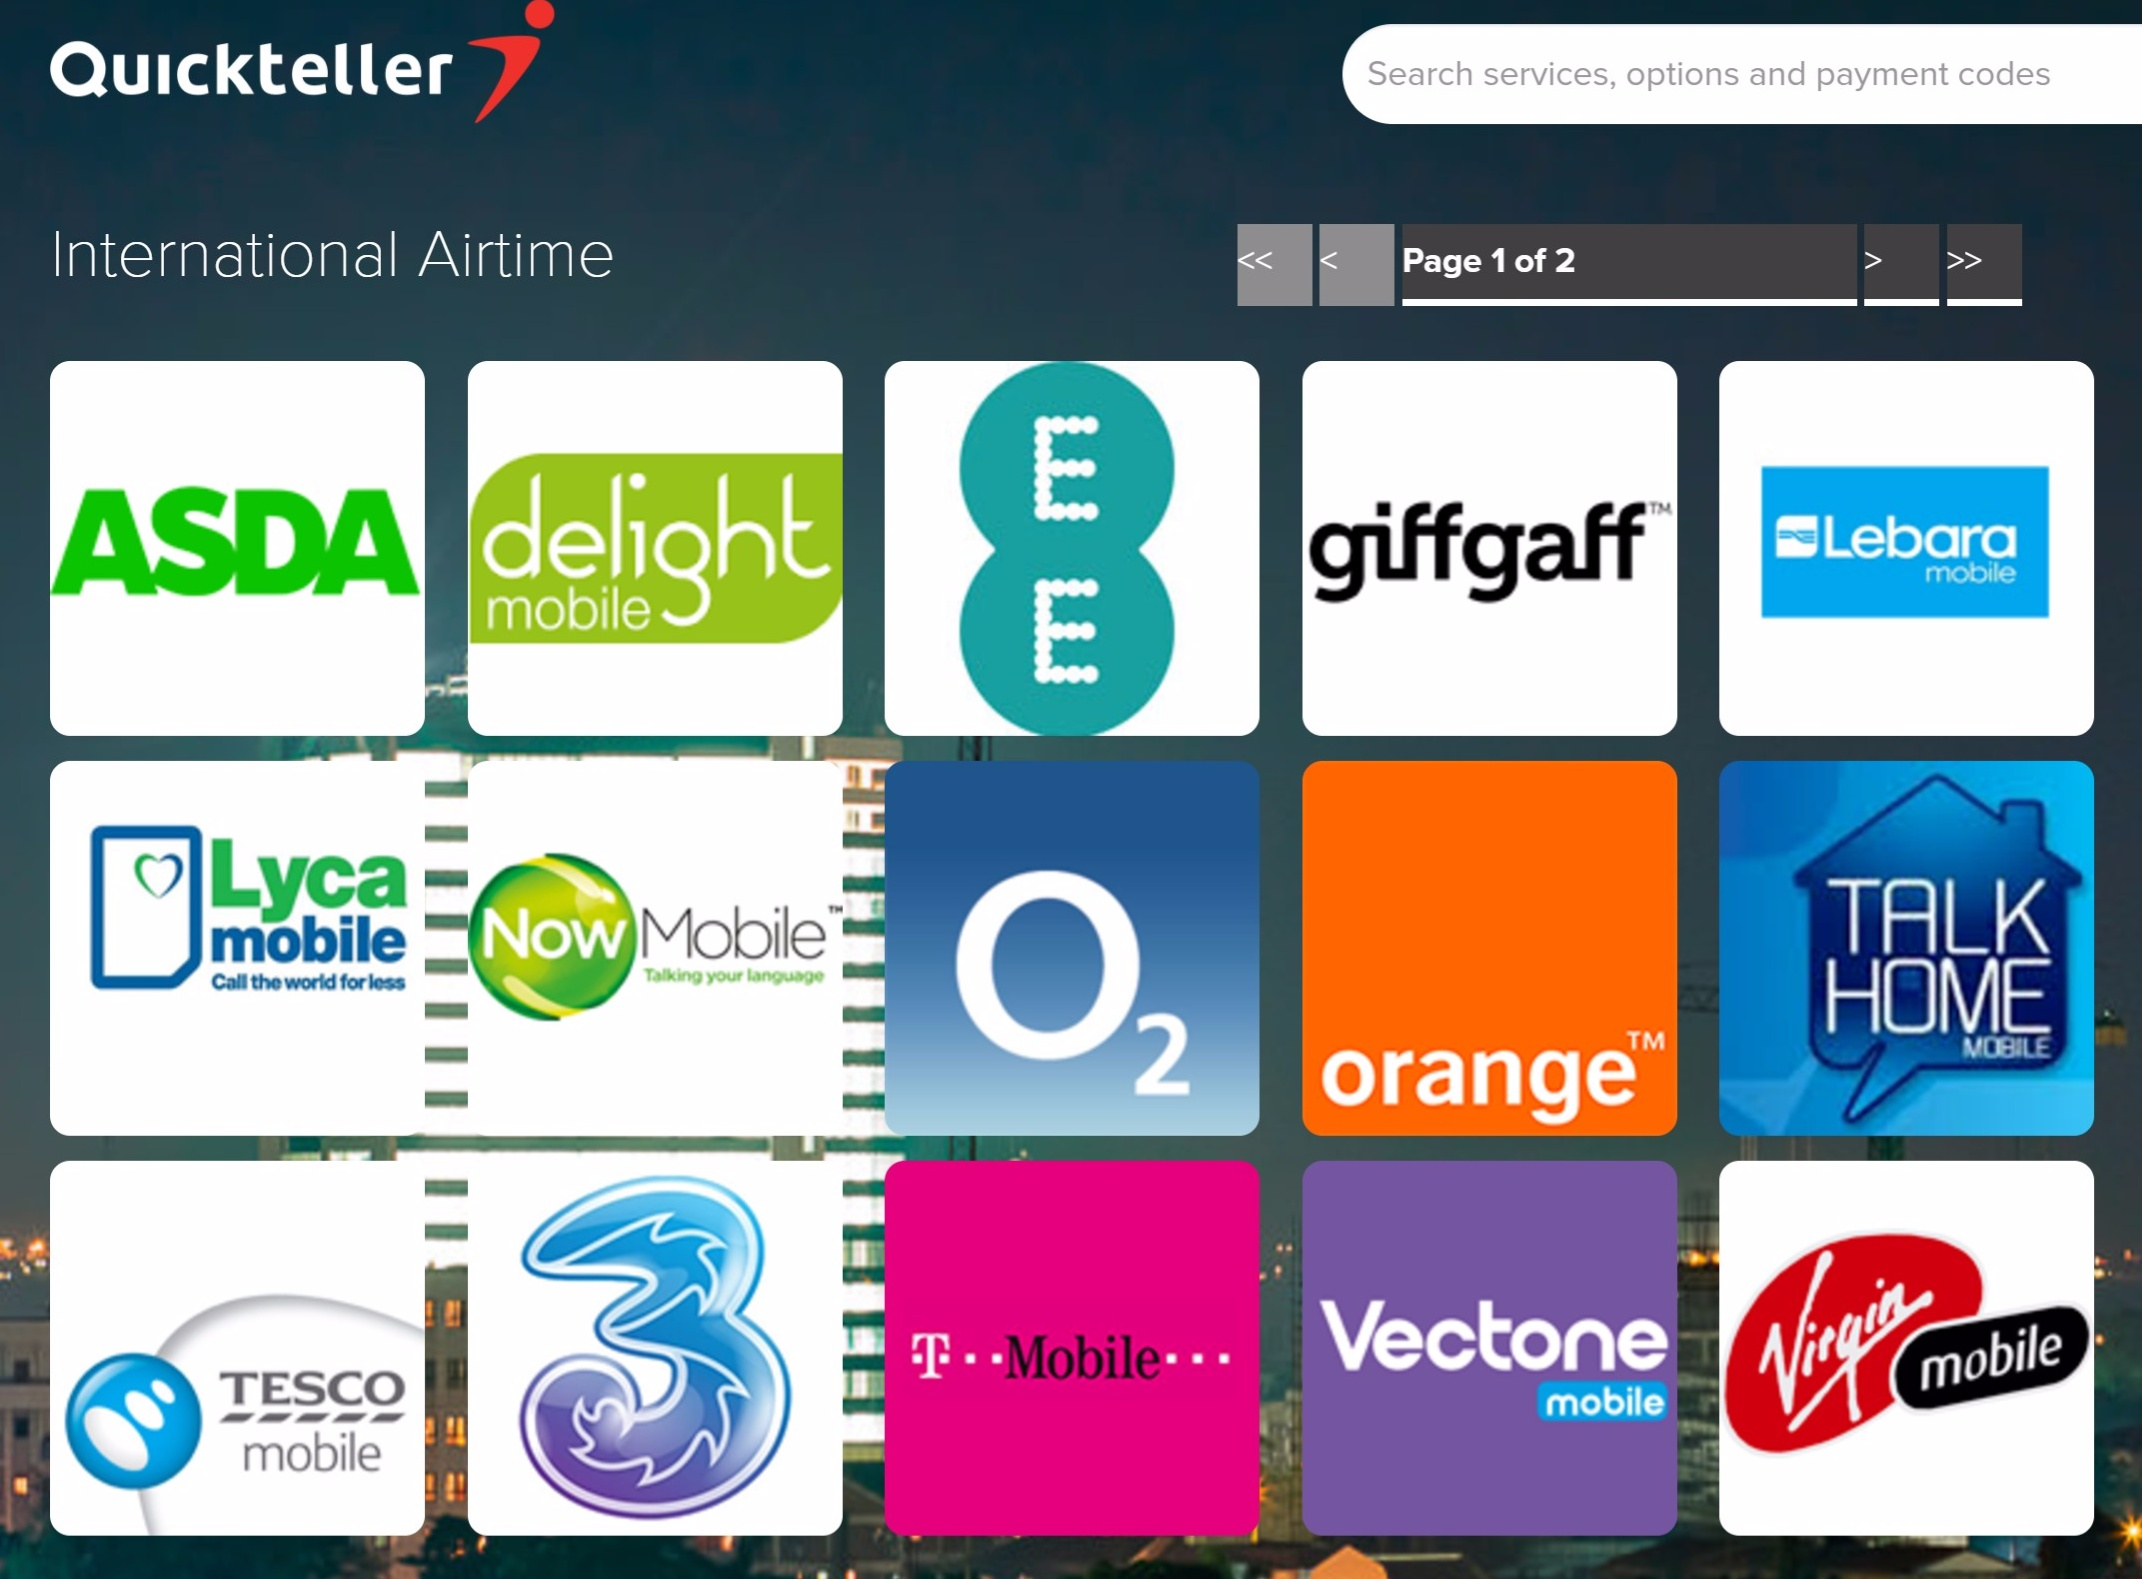 Quickteller airtime topup